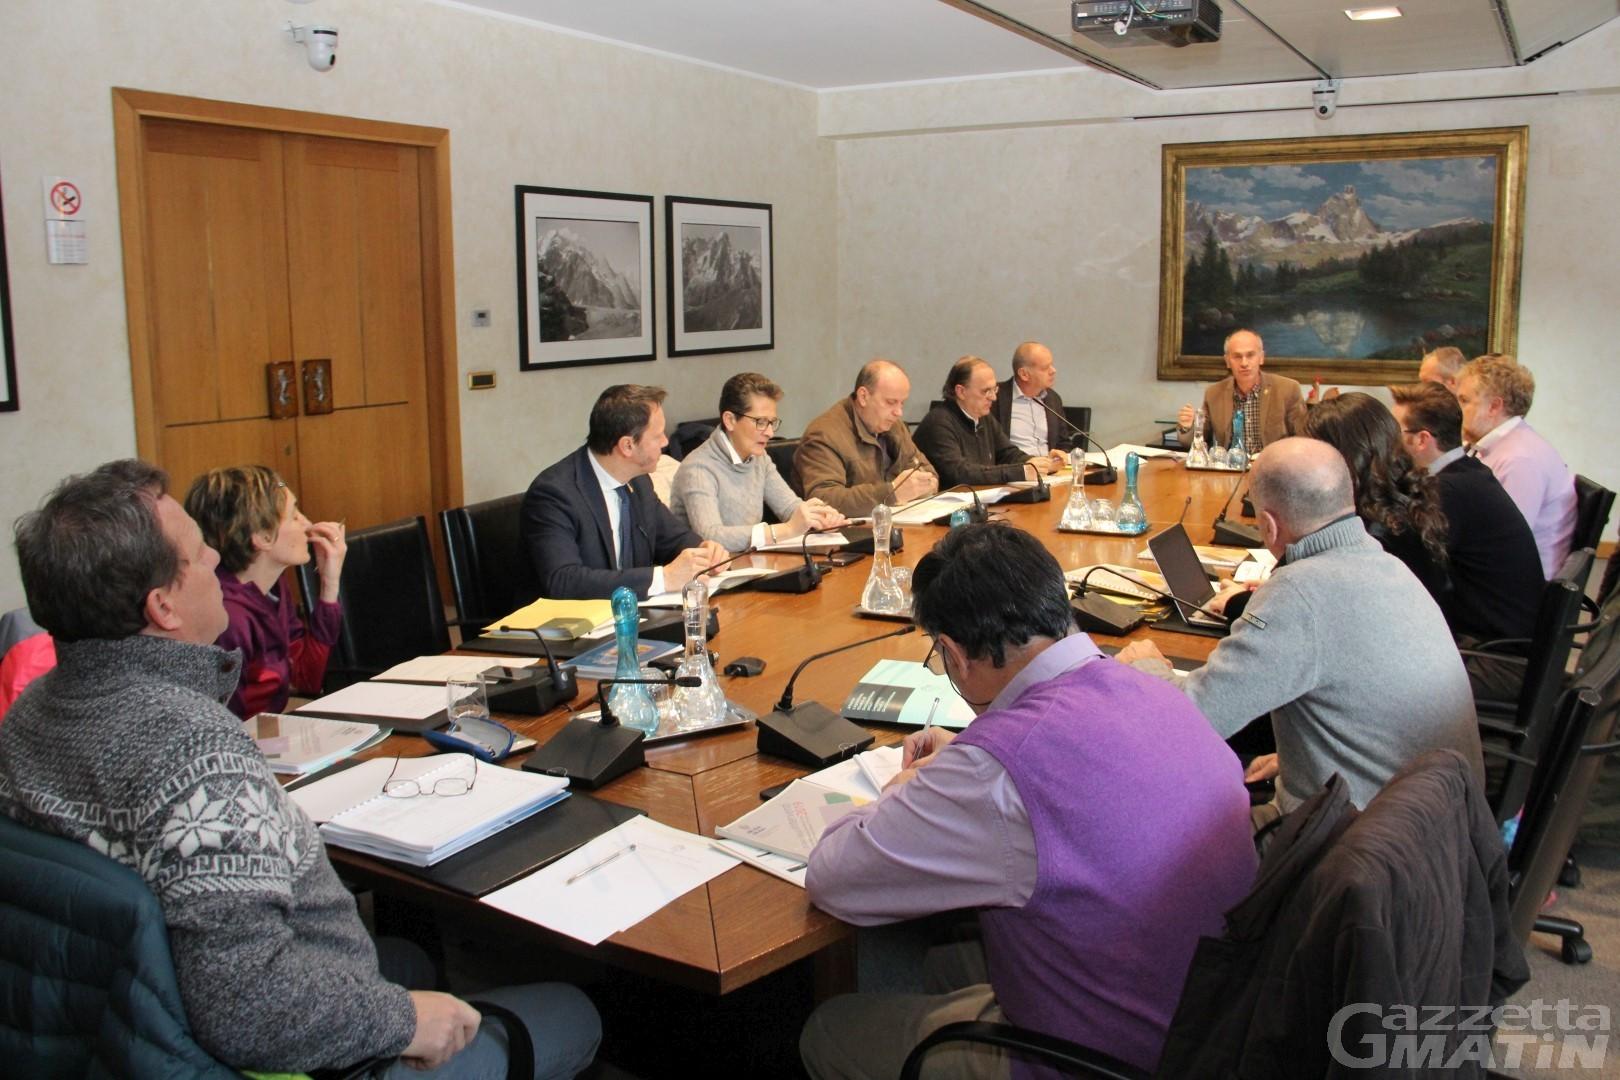 Regione VdA: via libera dalla terza commissione ai cantieri forestali